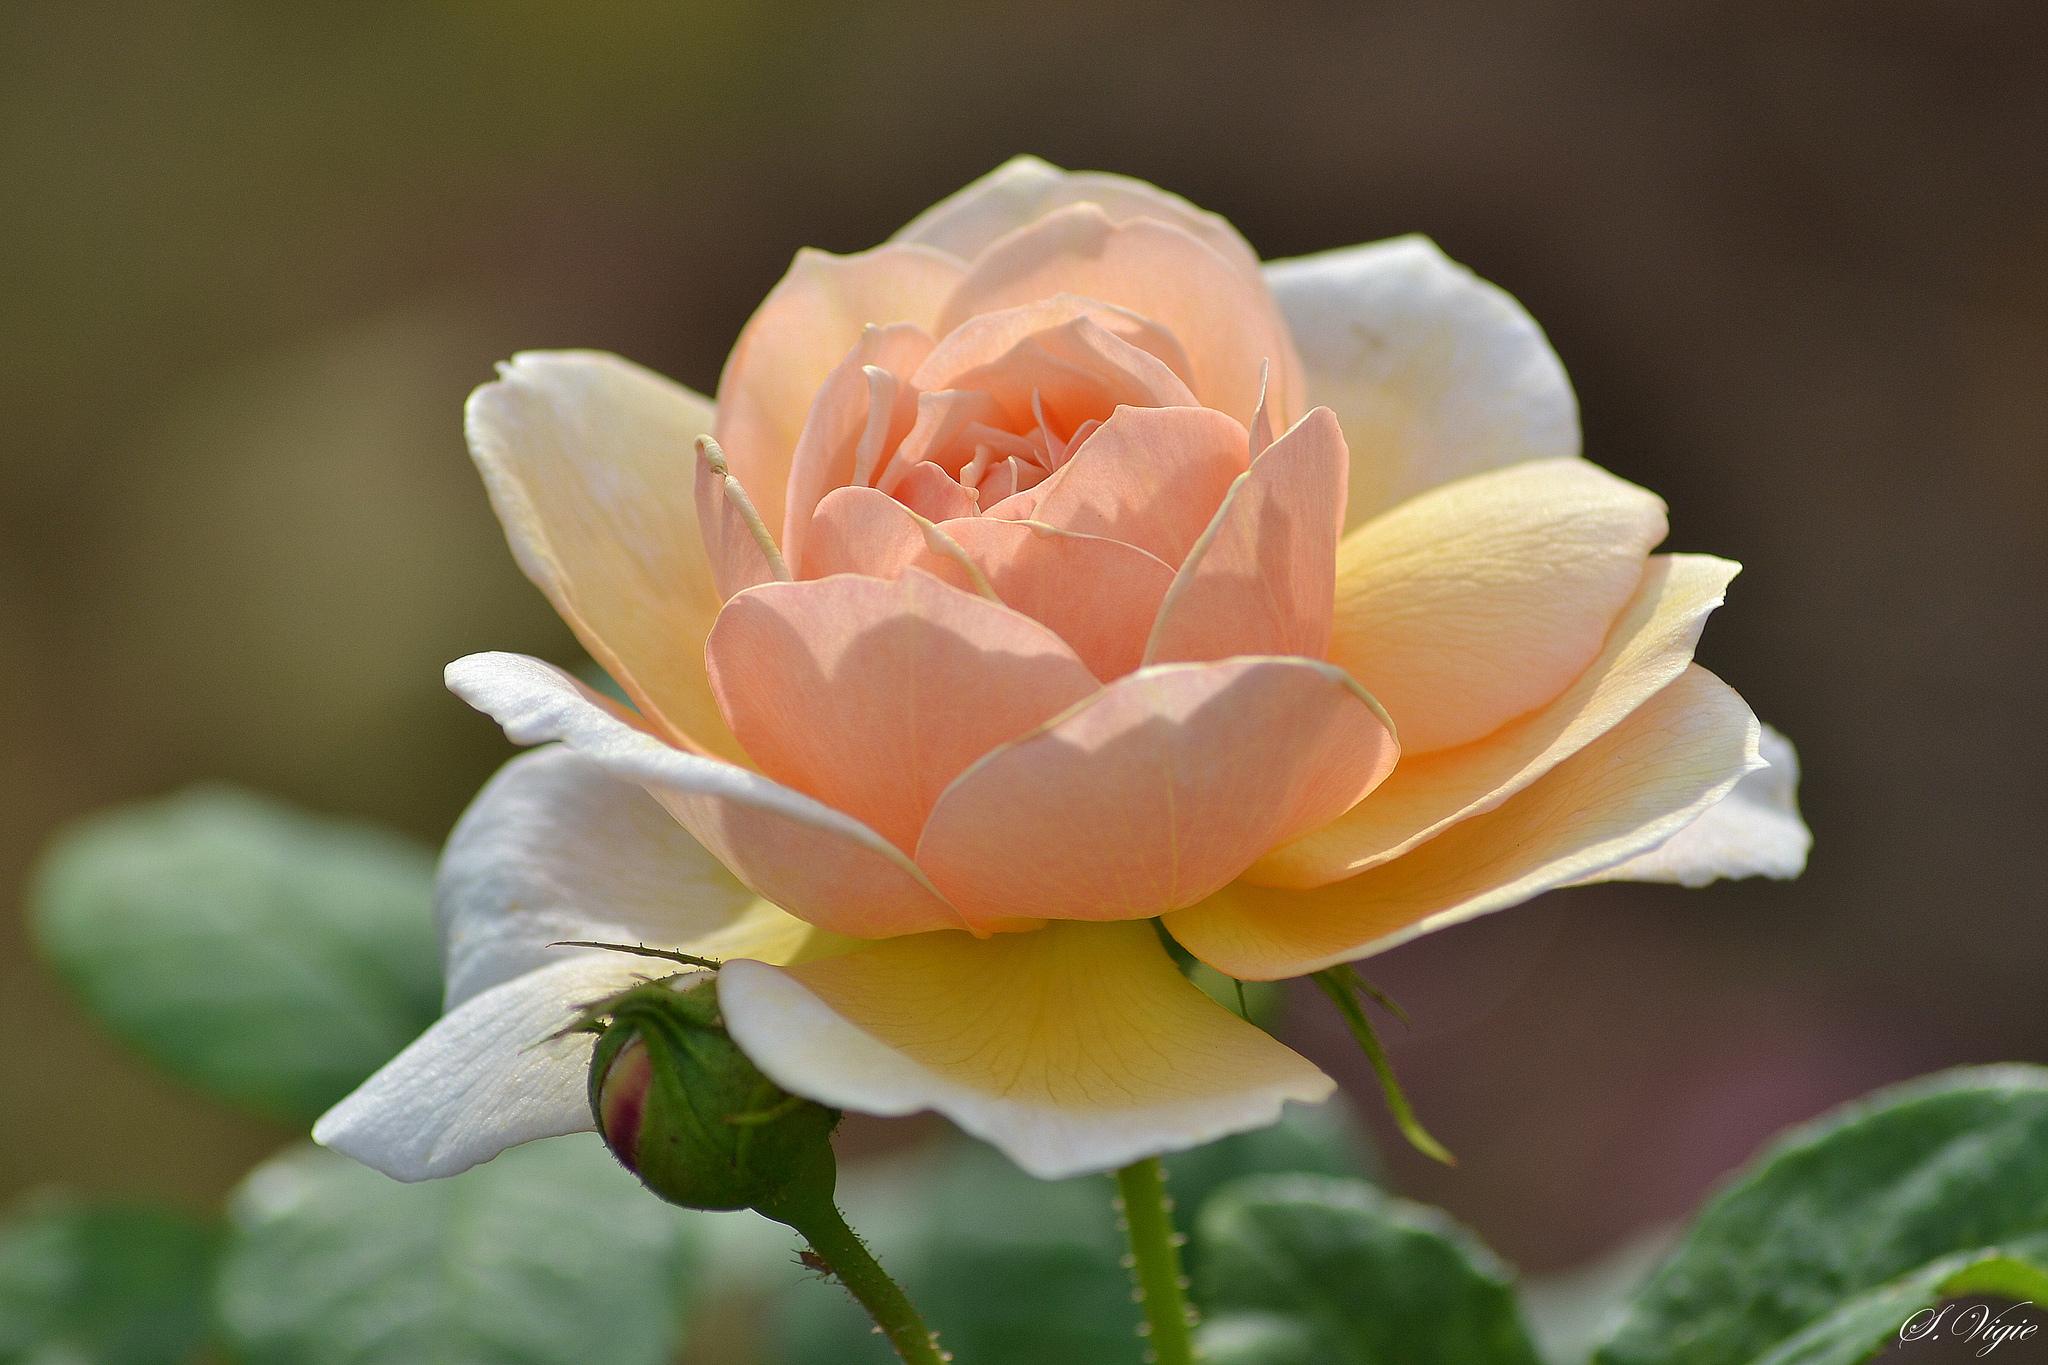 наступлением картинки кремовые бутоны роз такие накладки